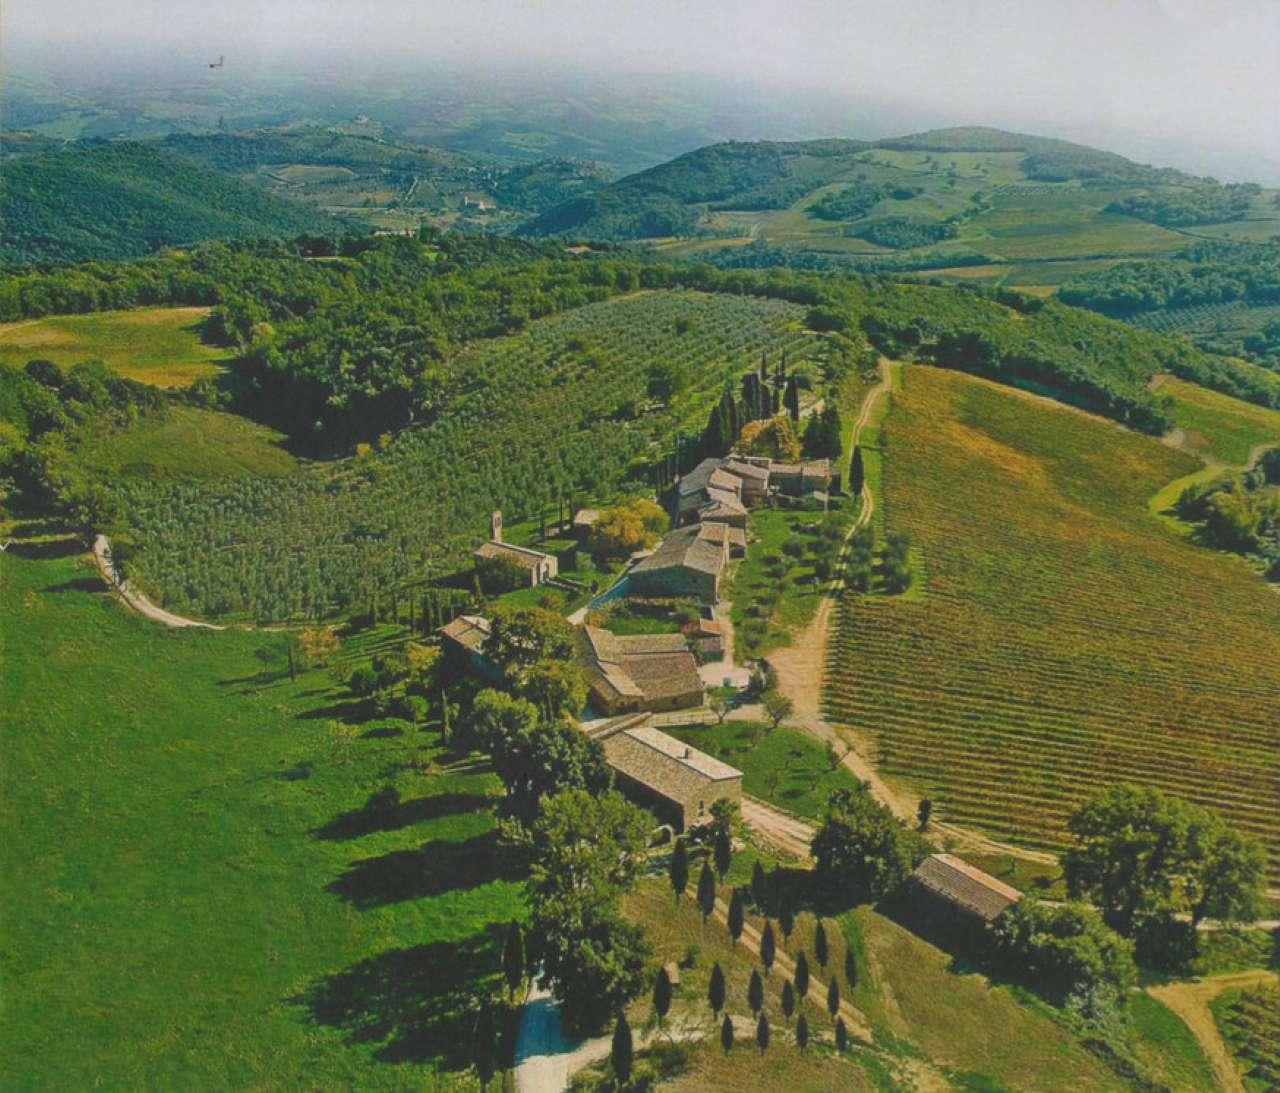 Splendido Borgo Medievale in Montalcino – Siena Rif. 5041002